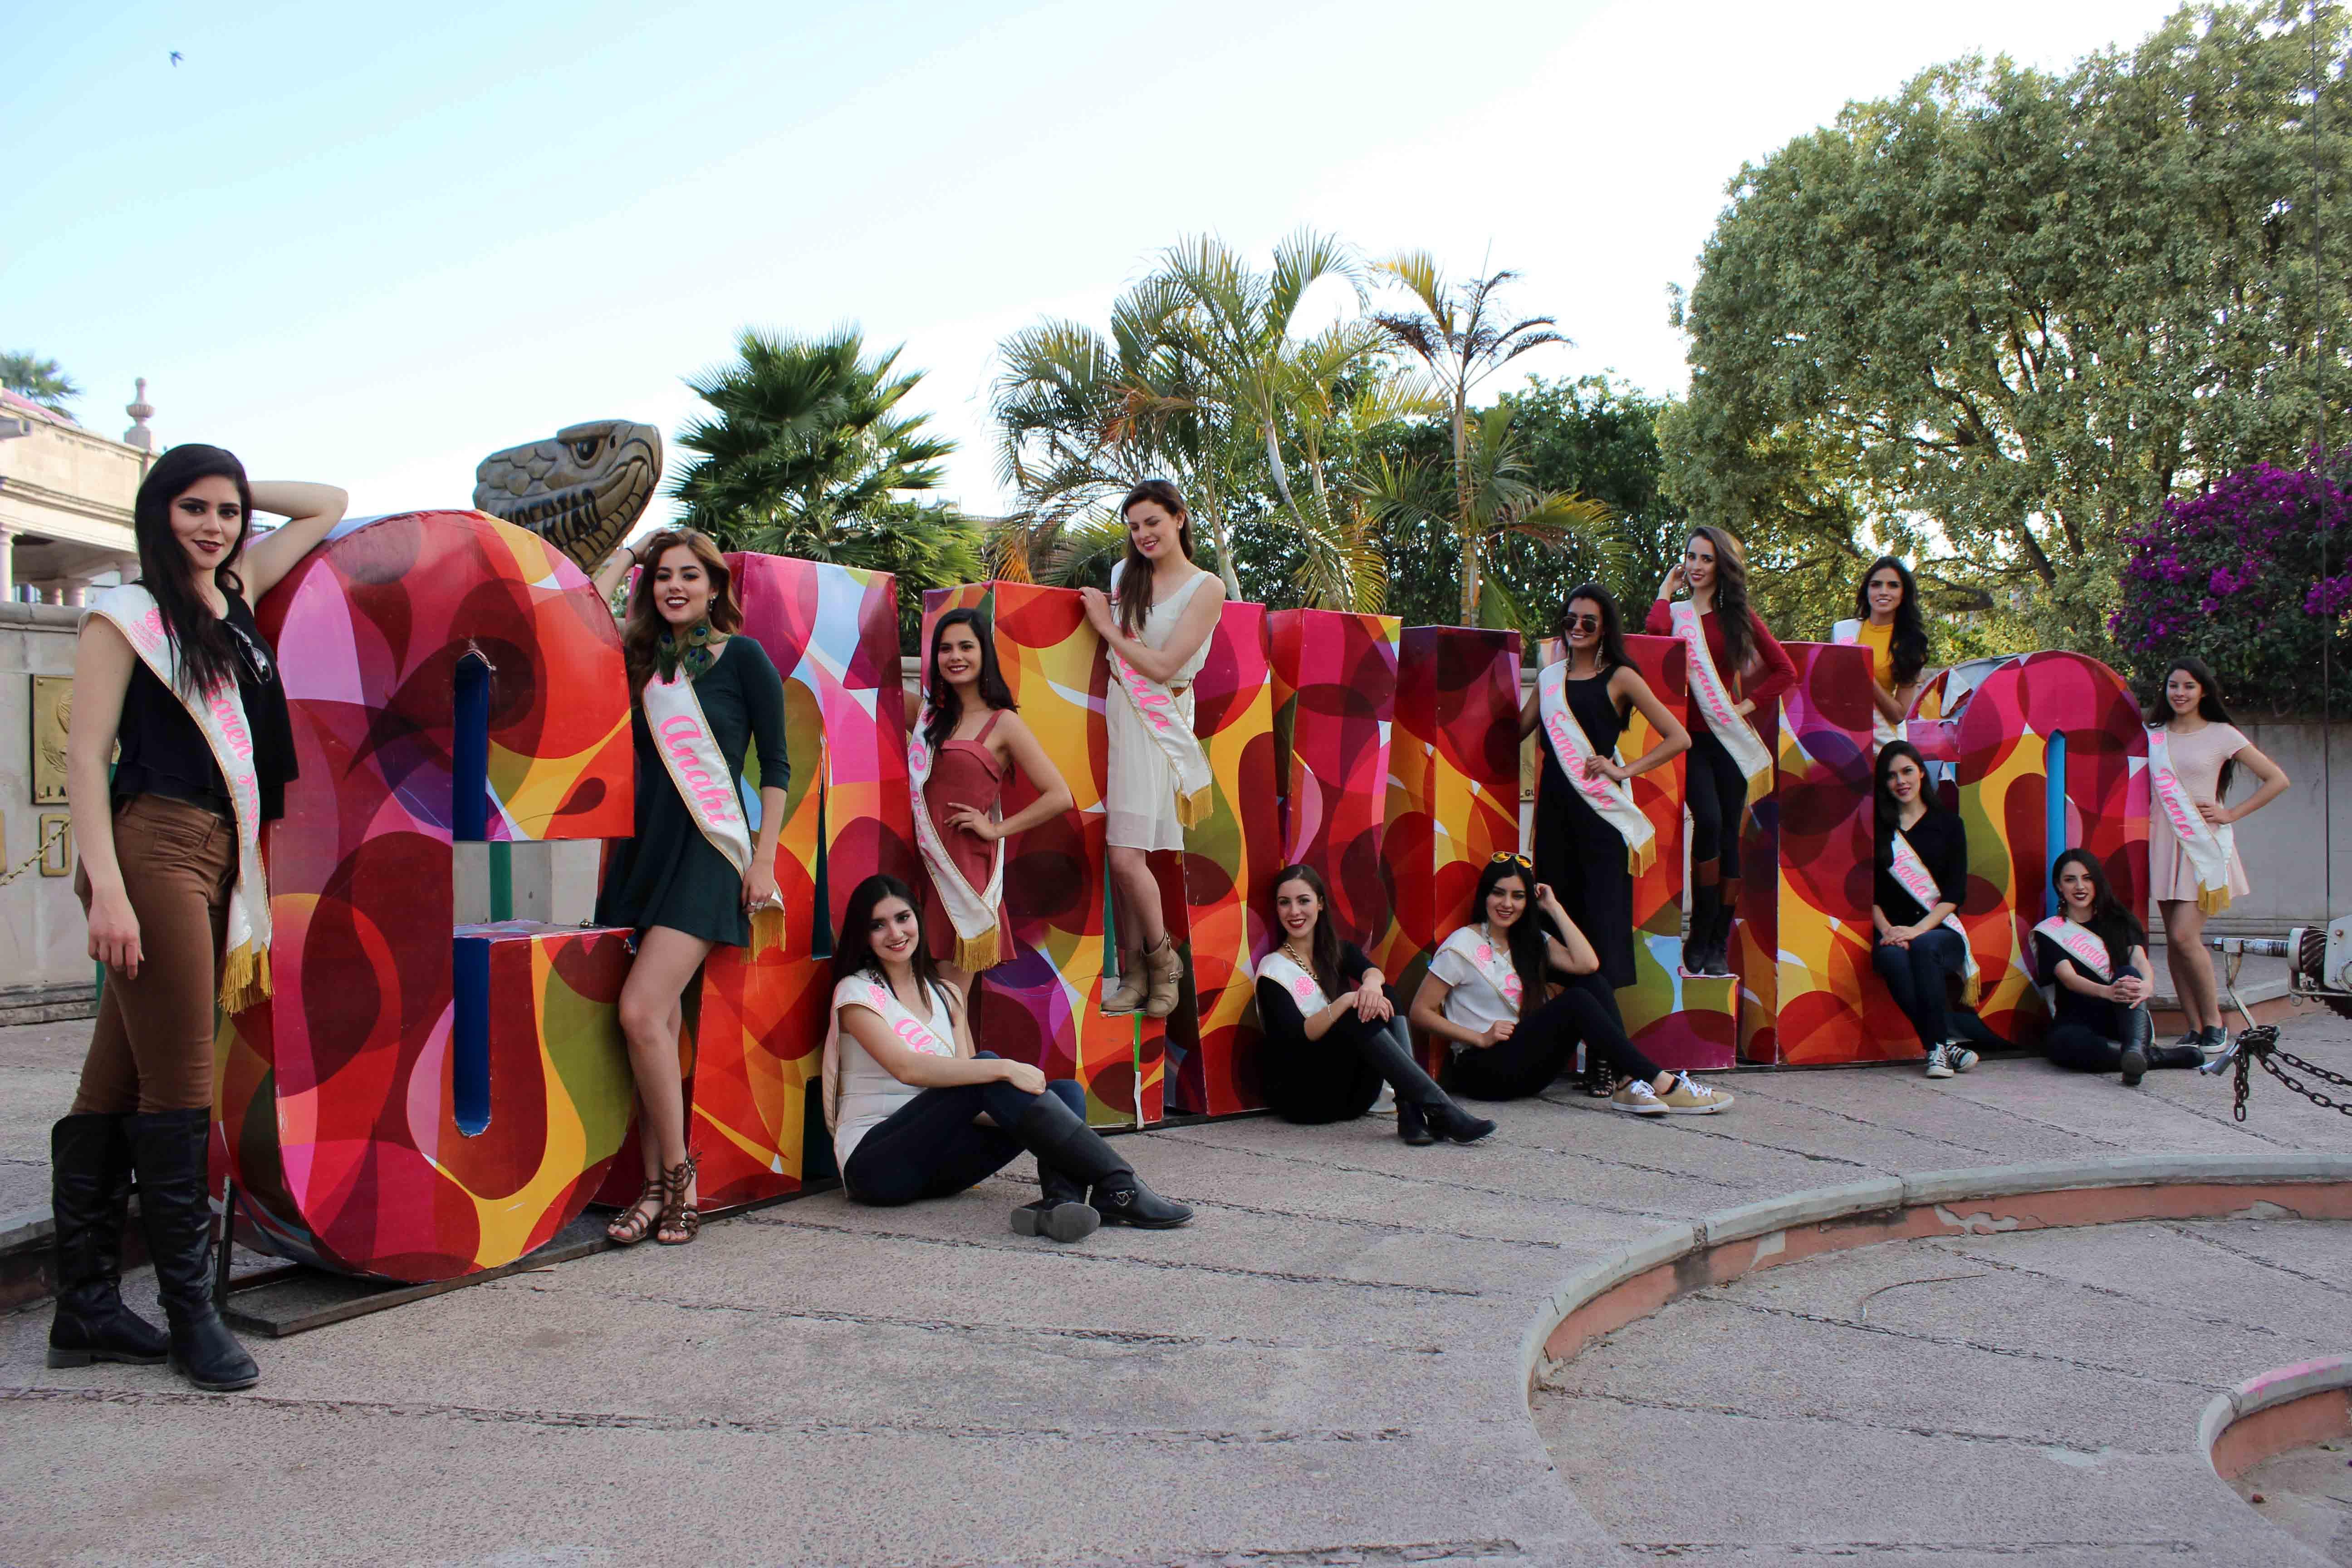 Se esperan al menos 100 mil visitantes a Ags por Semana Santa